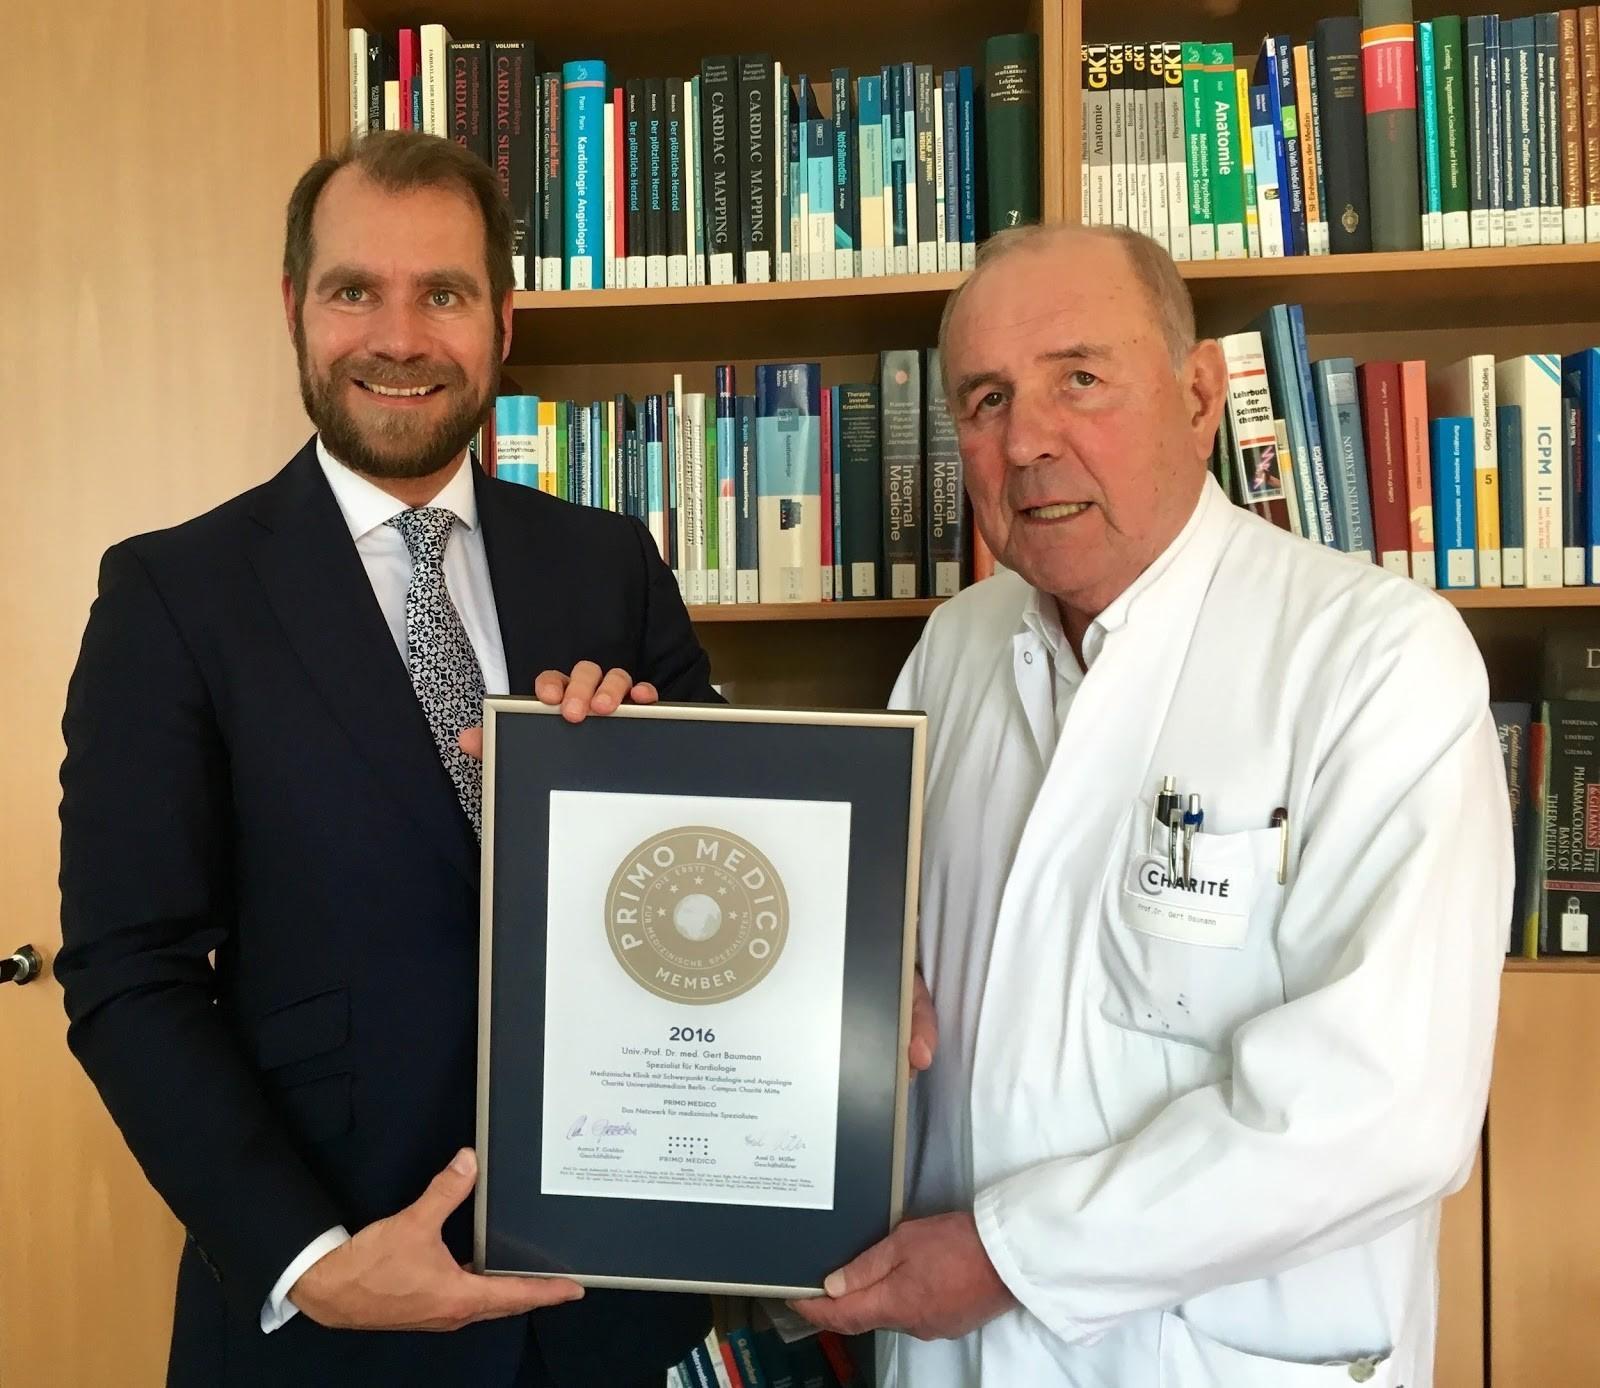 Professor Dr. med. Gert Baumann